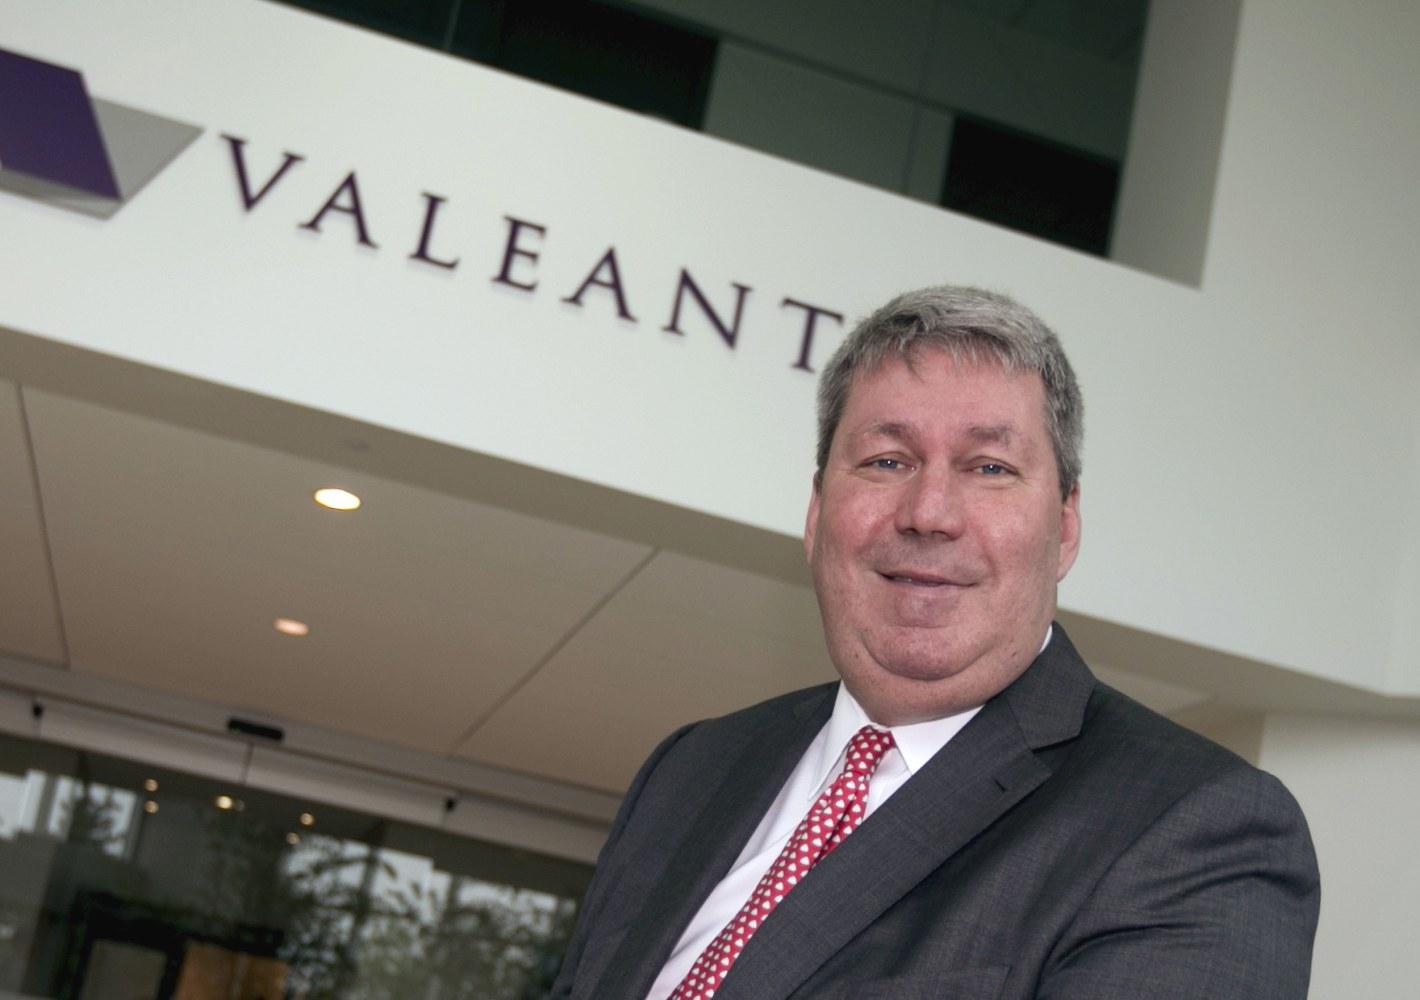 CEO of Embattled Drug Maker Valeant Takes Sudden Medical ...